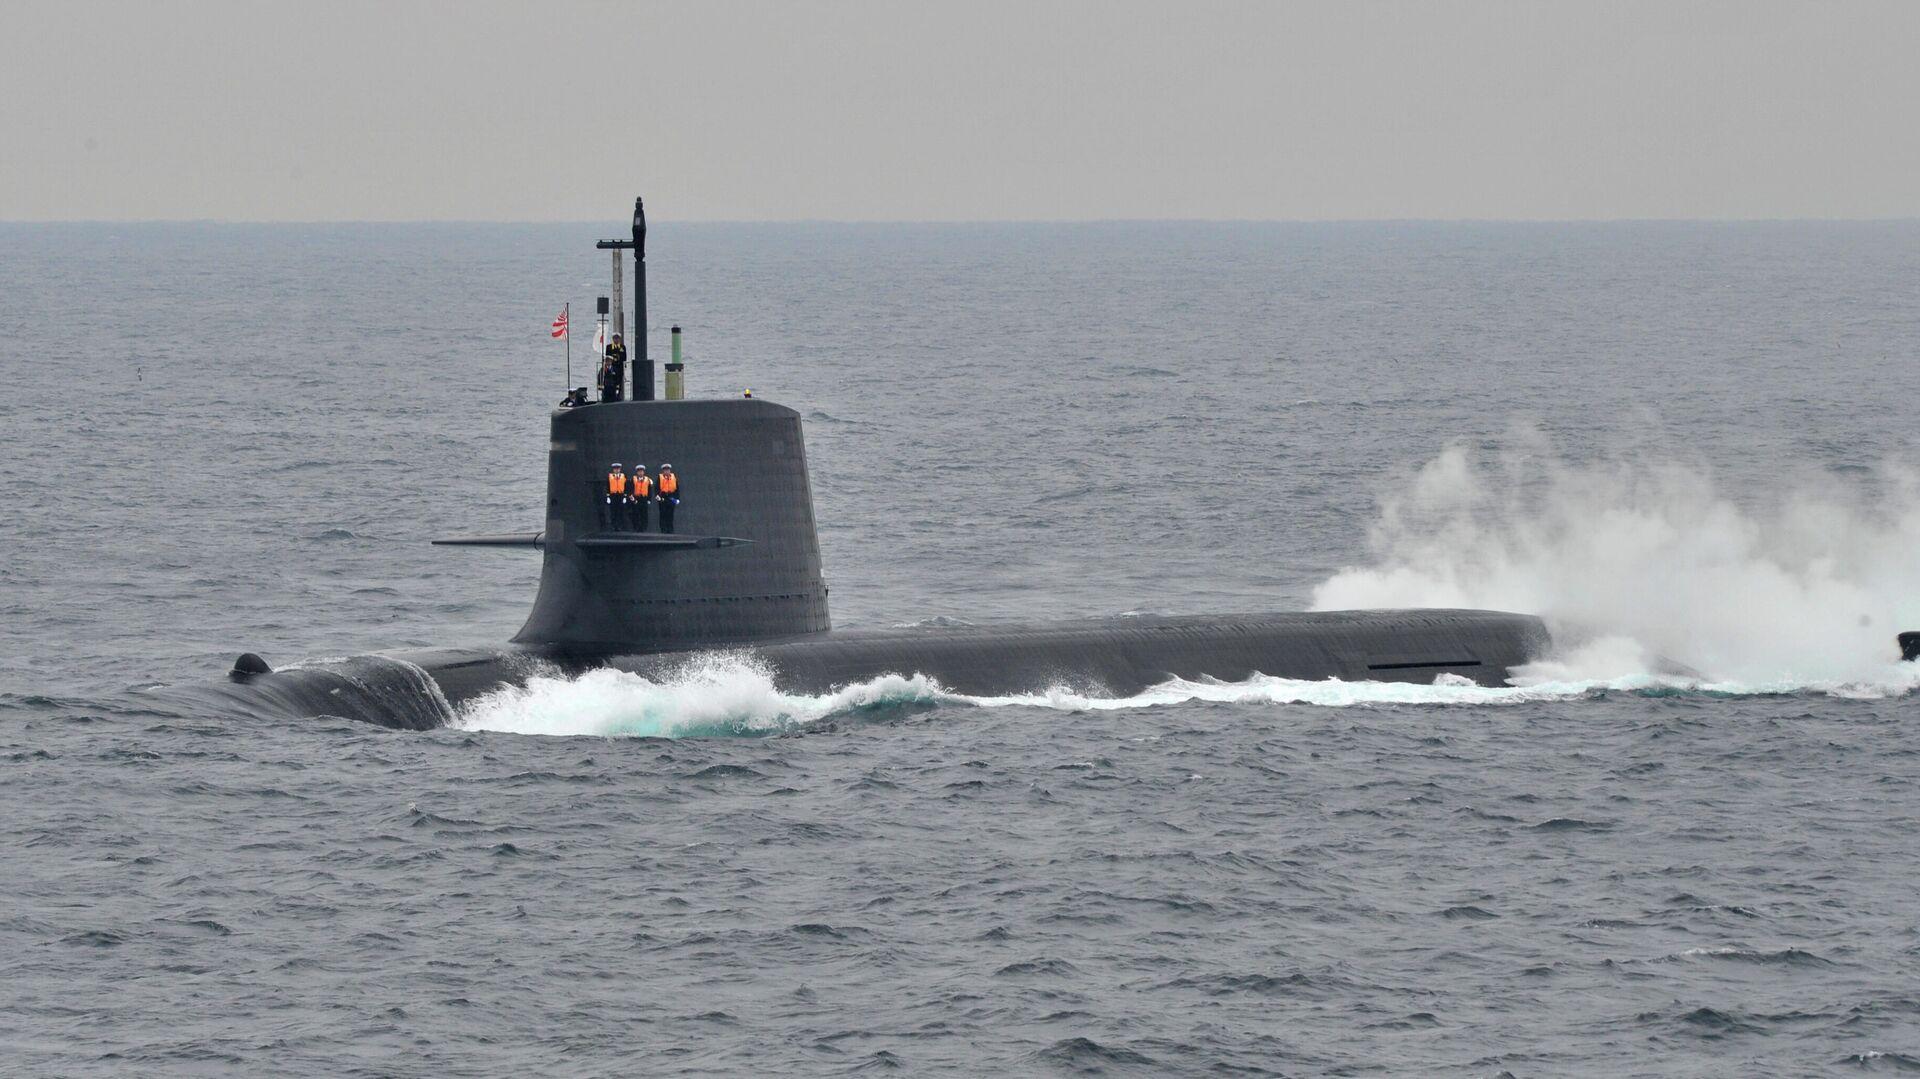 Японская подводная лодка - РИА Новости, 1920, 08.02.2021